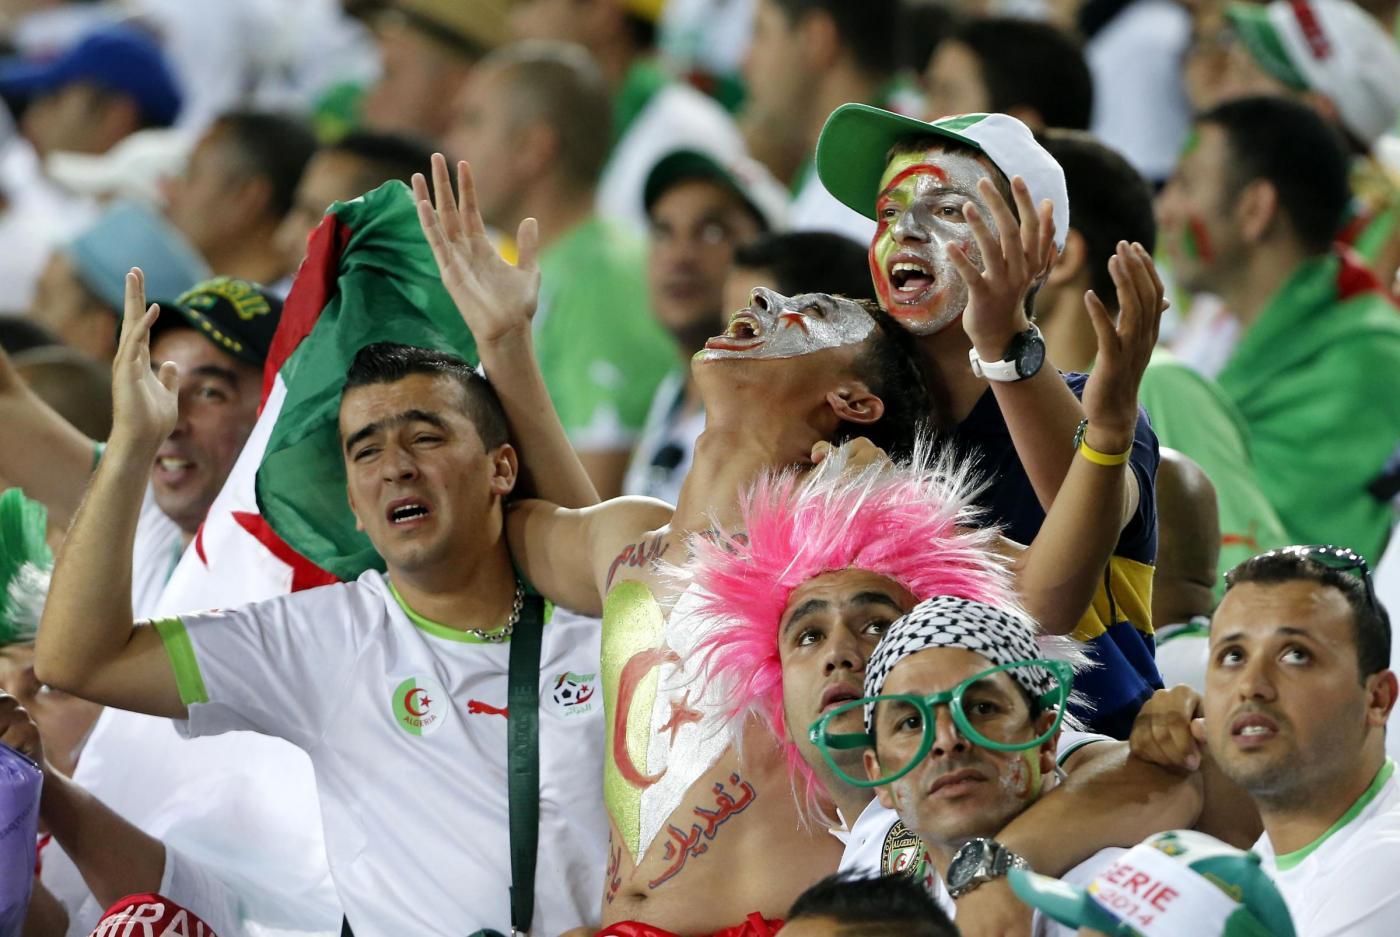 algeria-ligue-1-usm-alger-paradou-pronostico-2-gennaio